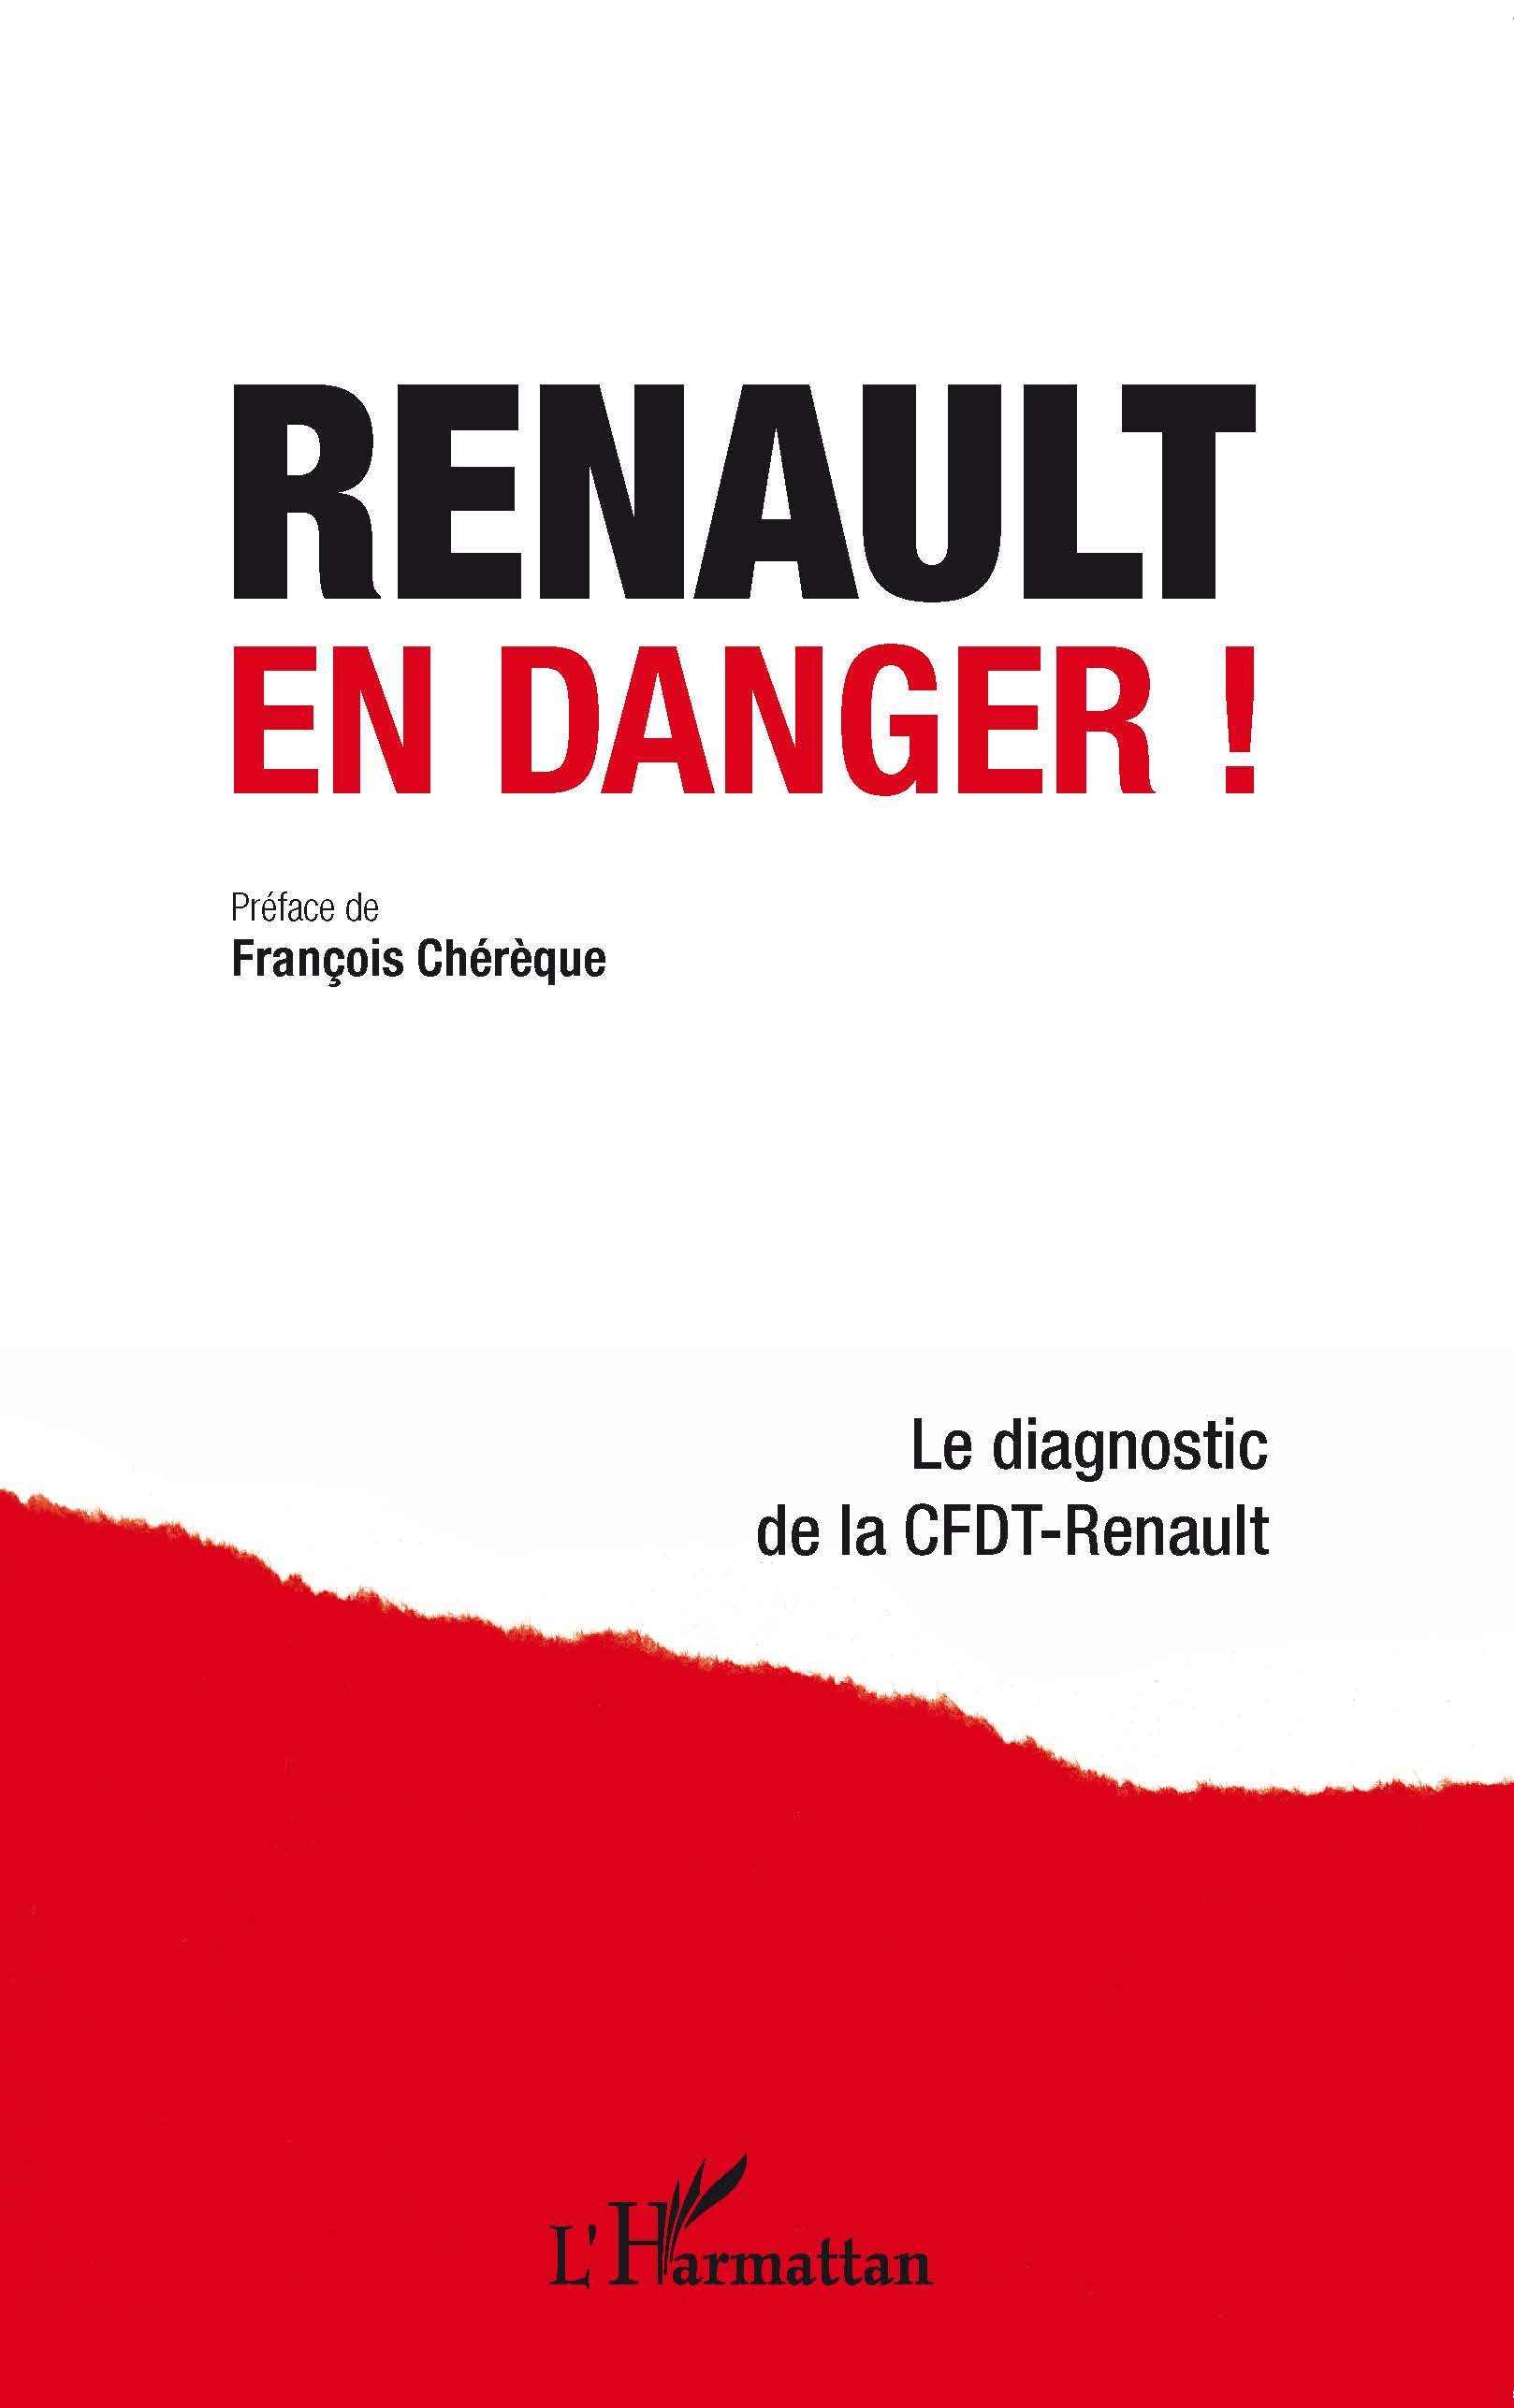 RENAULT EN DANGER LE DIAGNOSTIC DE LA CFDT RENAULT